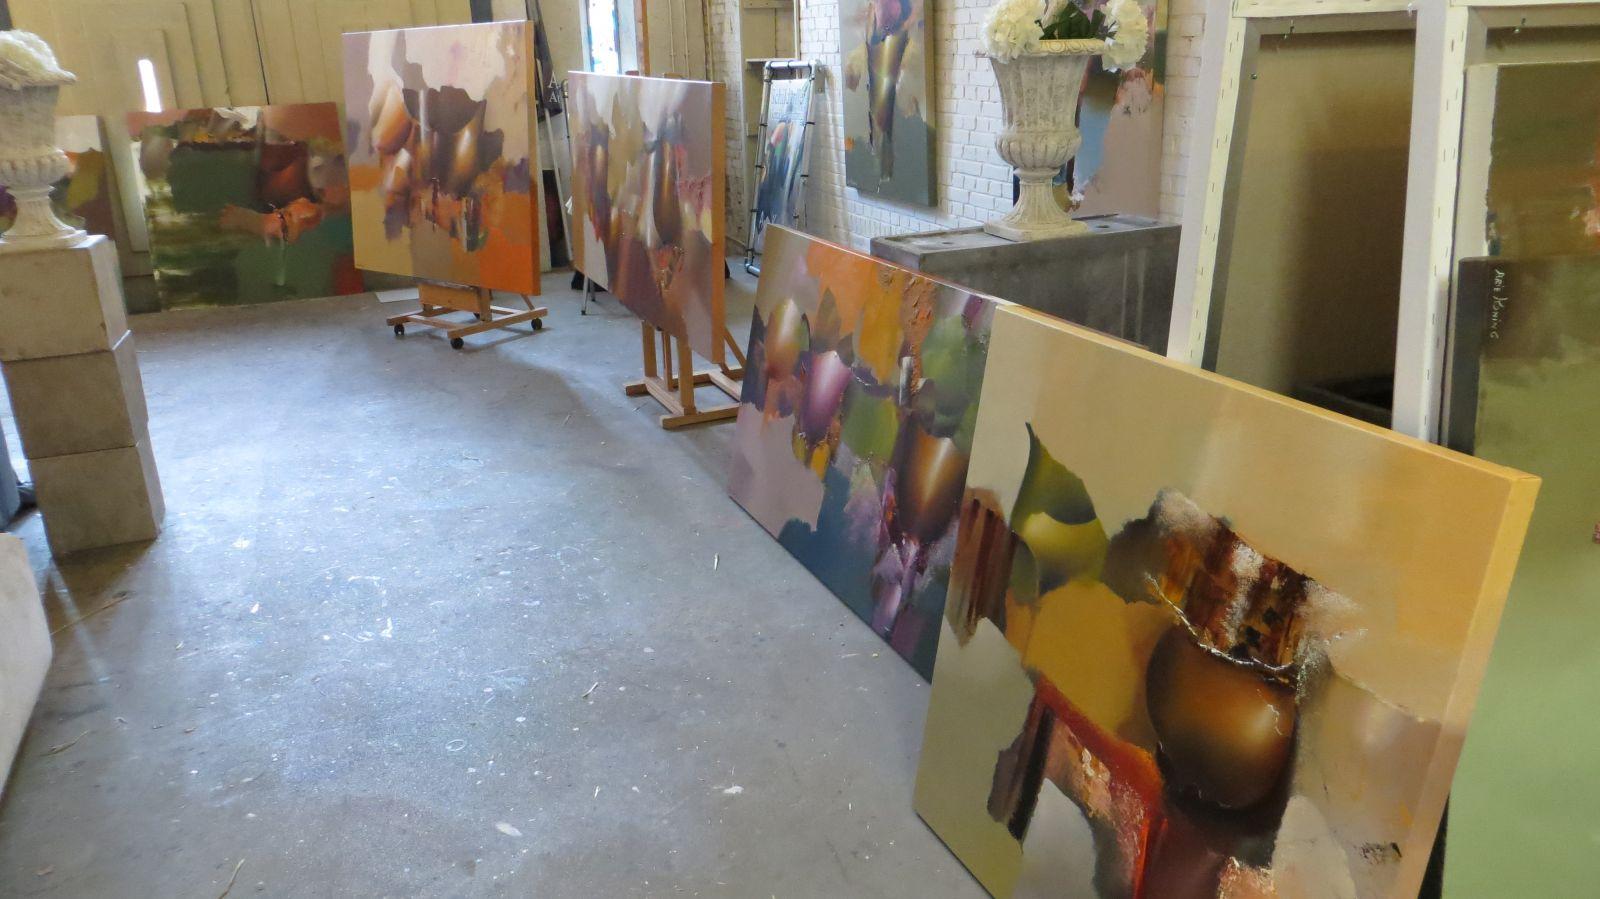 Arie koning waar een mooi abstract schilderij kopen met mooie warme kleuren - Associatie van kleur e geen schilderij ...